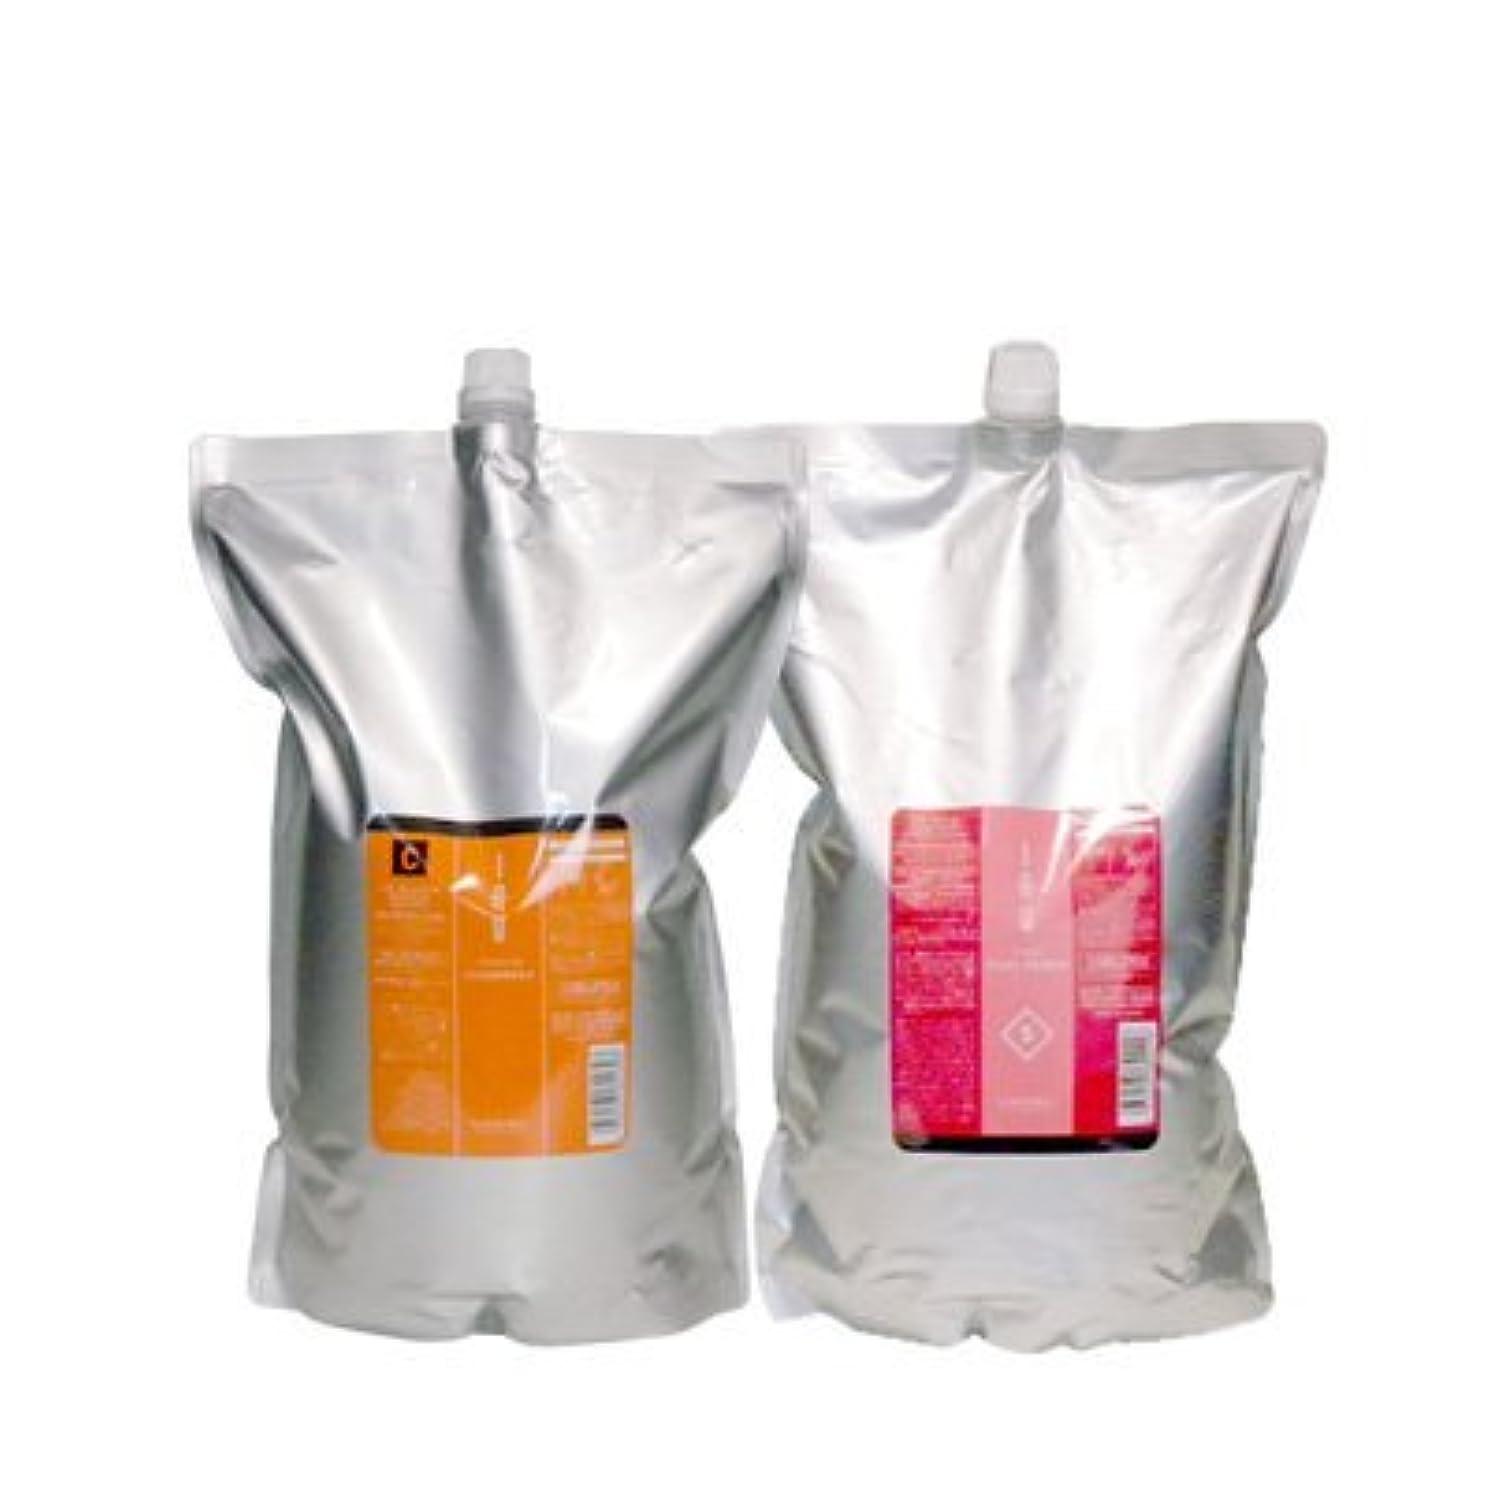 考古学的な提供豆ルベル IAU イオ クレンジング クリアメント(シャンプー)2500ml&イオ クリーム シルキーリペア トリートメント2500ml 詰め替えセット